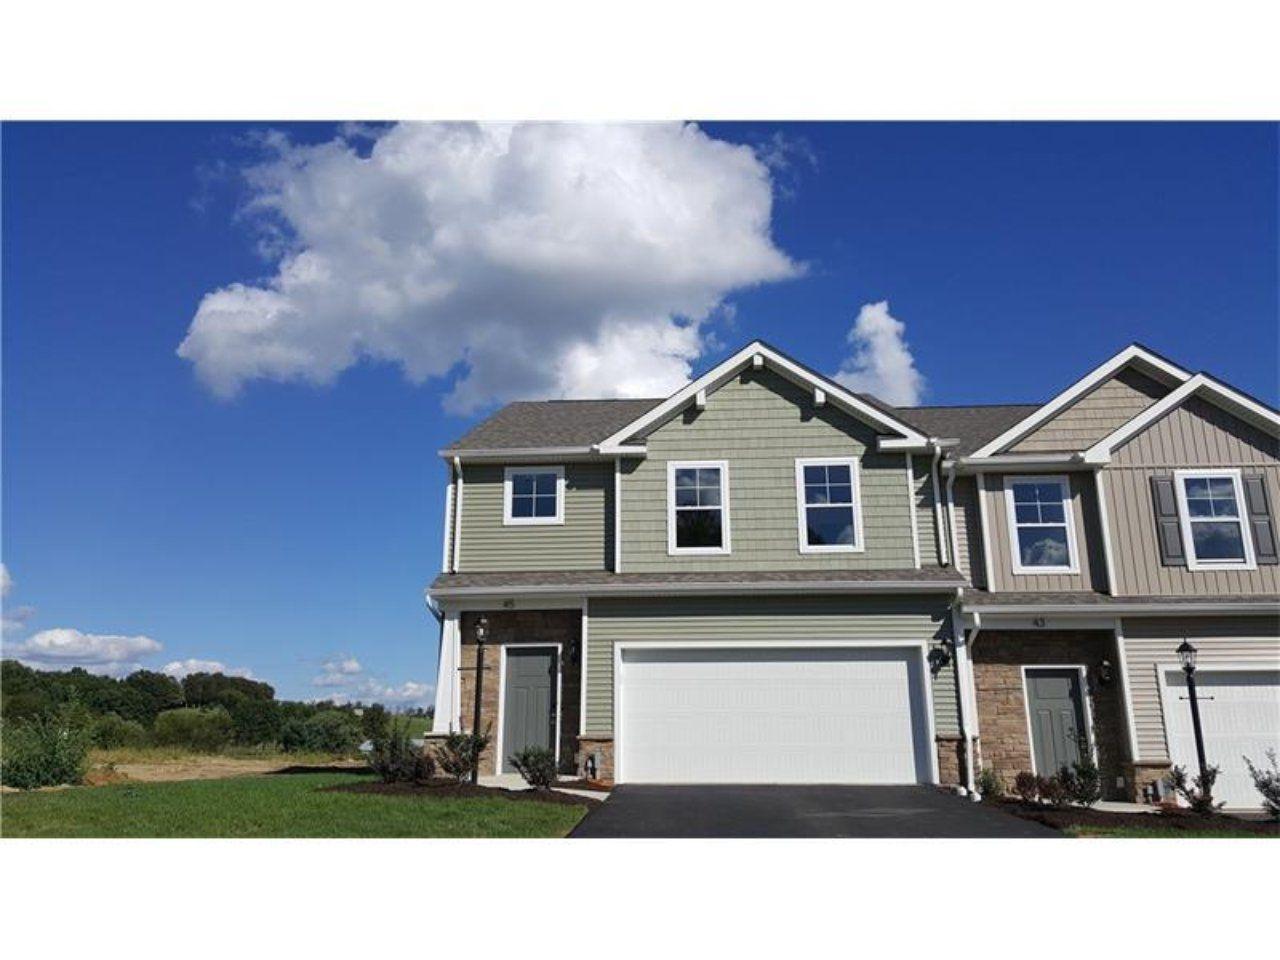 Arden Farms//Remington Dr Washington, PA 15301// Patio home